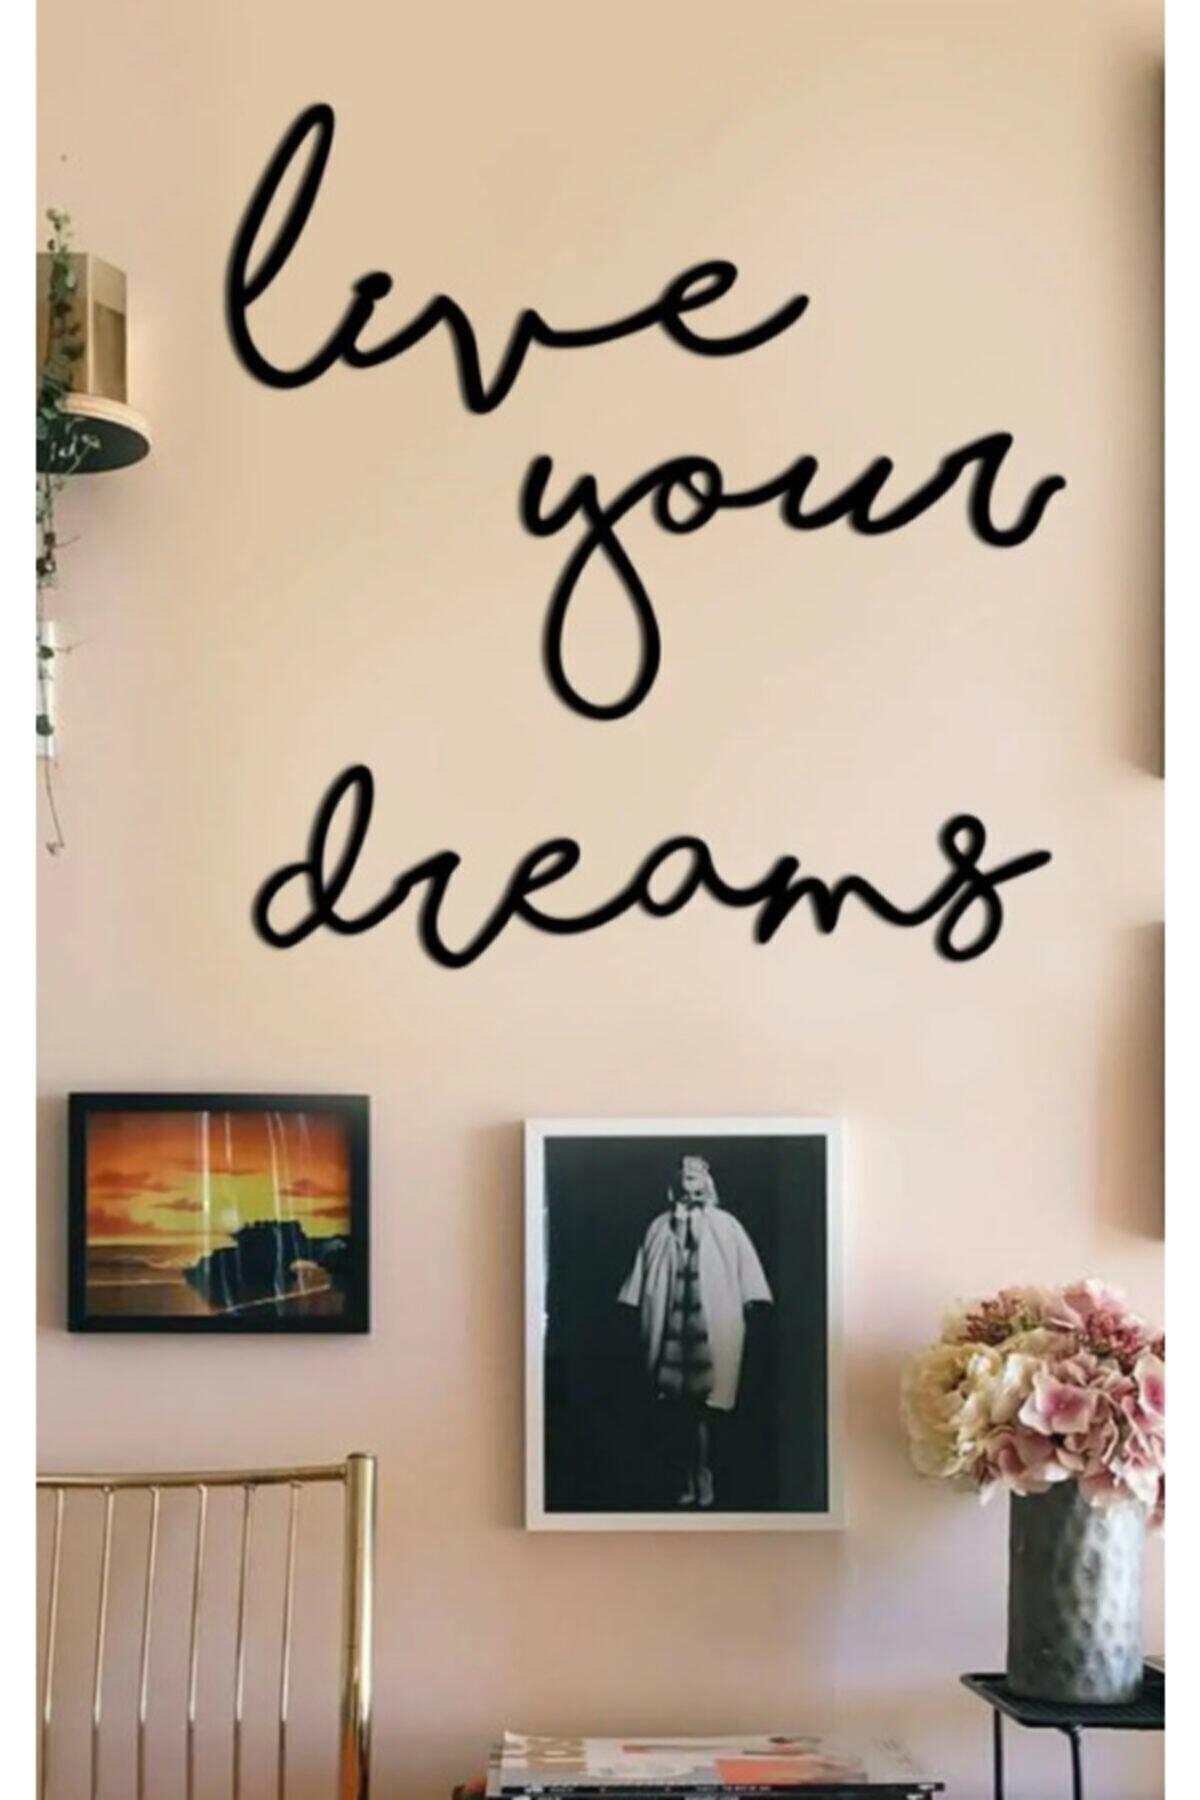 evdeucuz Live Your Dreams Ahşap Duvar Yazısı 1